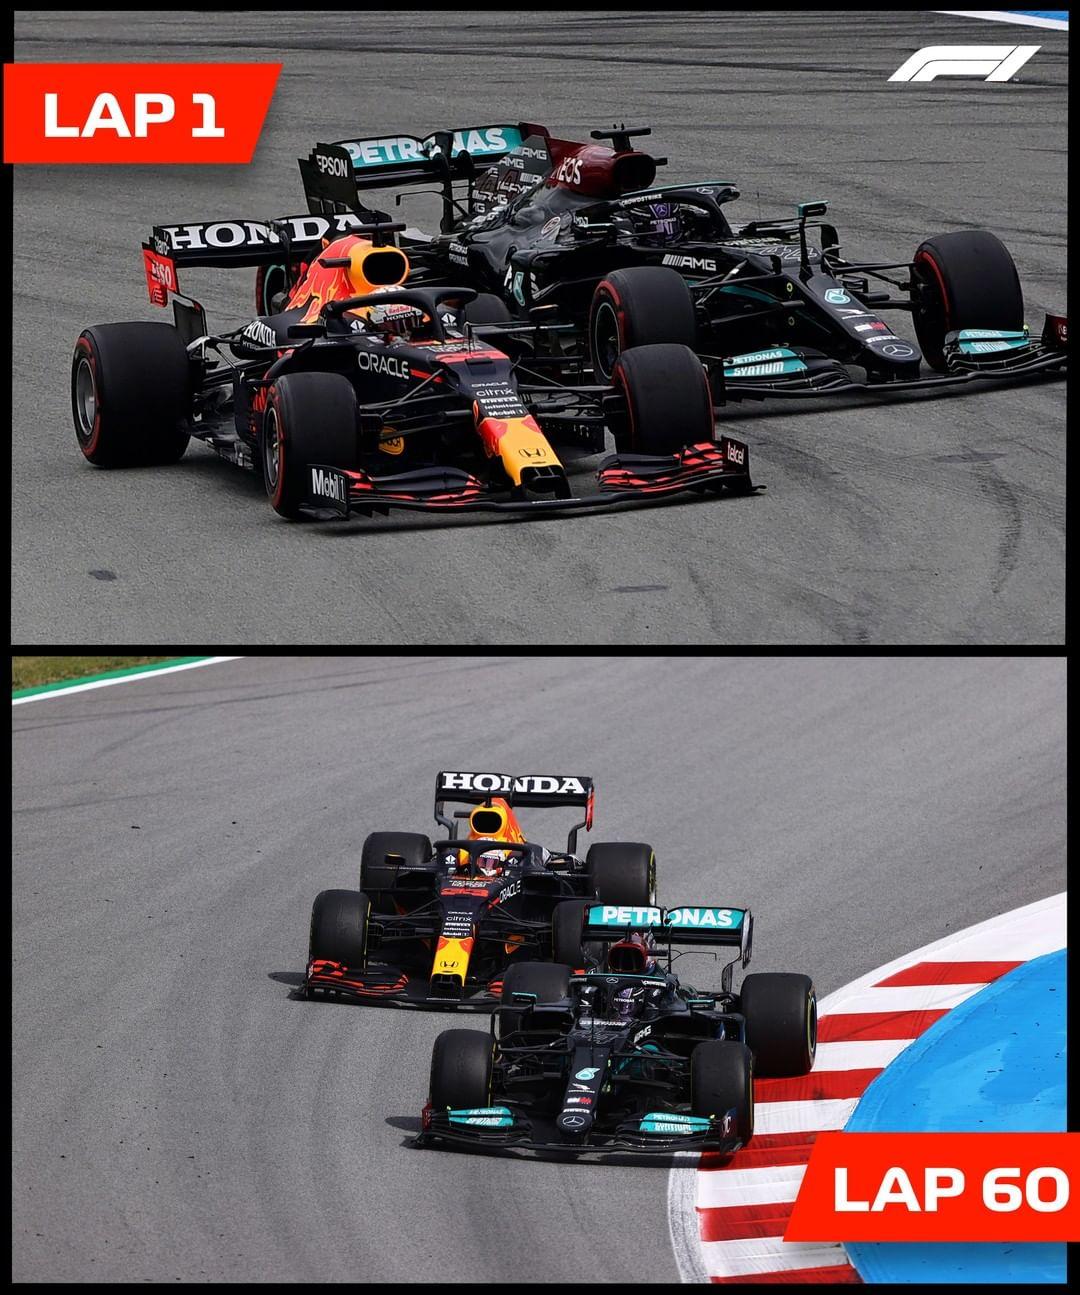 Макс Ферстаппен, Мерседес, Формула-1, Ред Булл, Льюис Хэмилтон, Гран-при Венгрии, Гран-при Испании